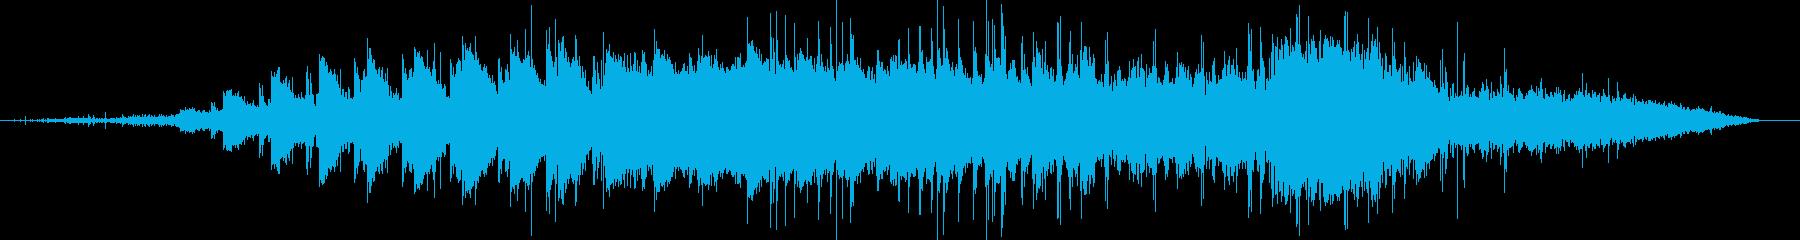 SHEEPの再生済みの波形